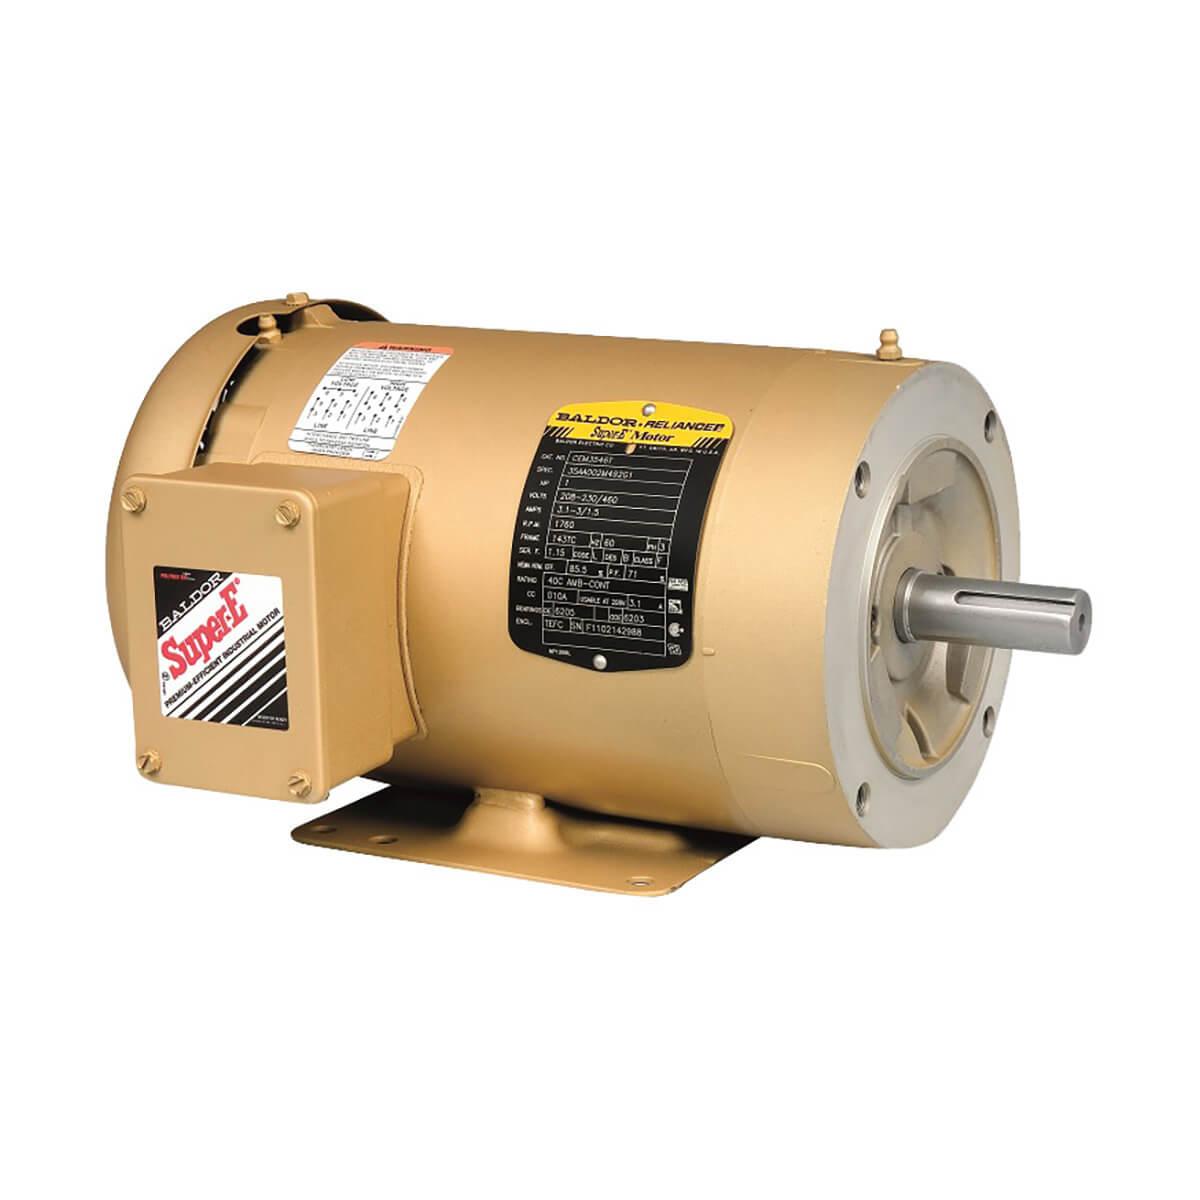 Baldor Motor CEM3615T-5 - 5 HP - 1750 RPM